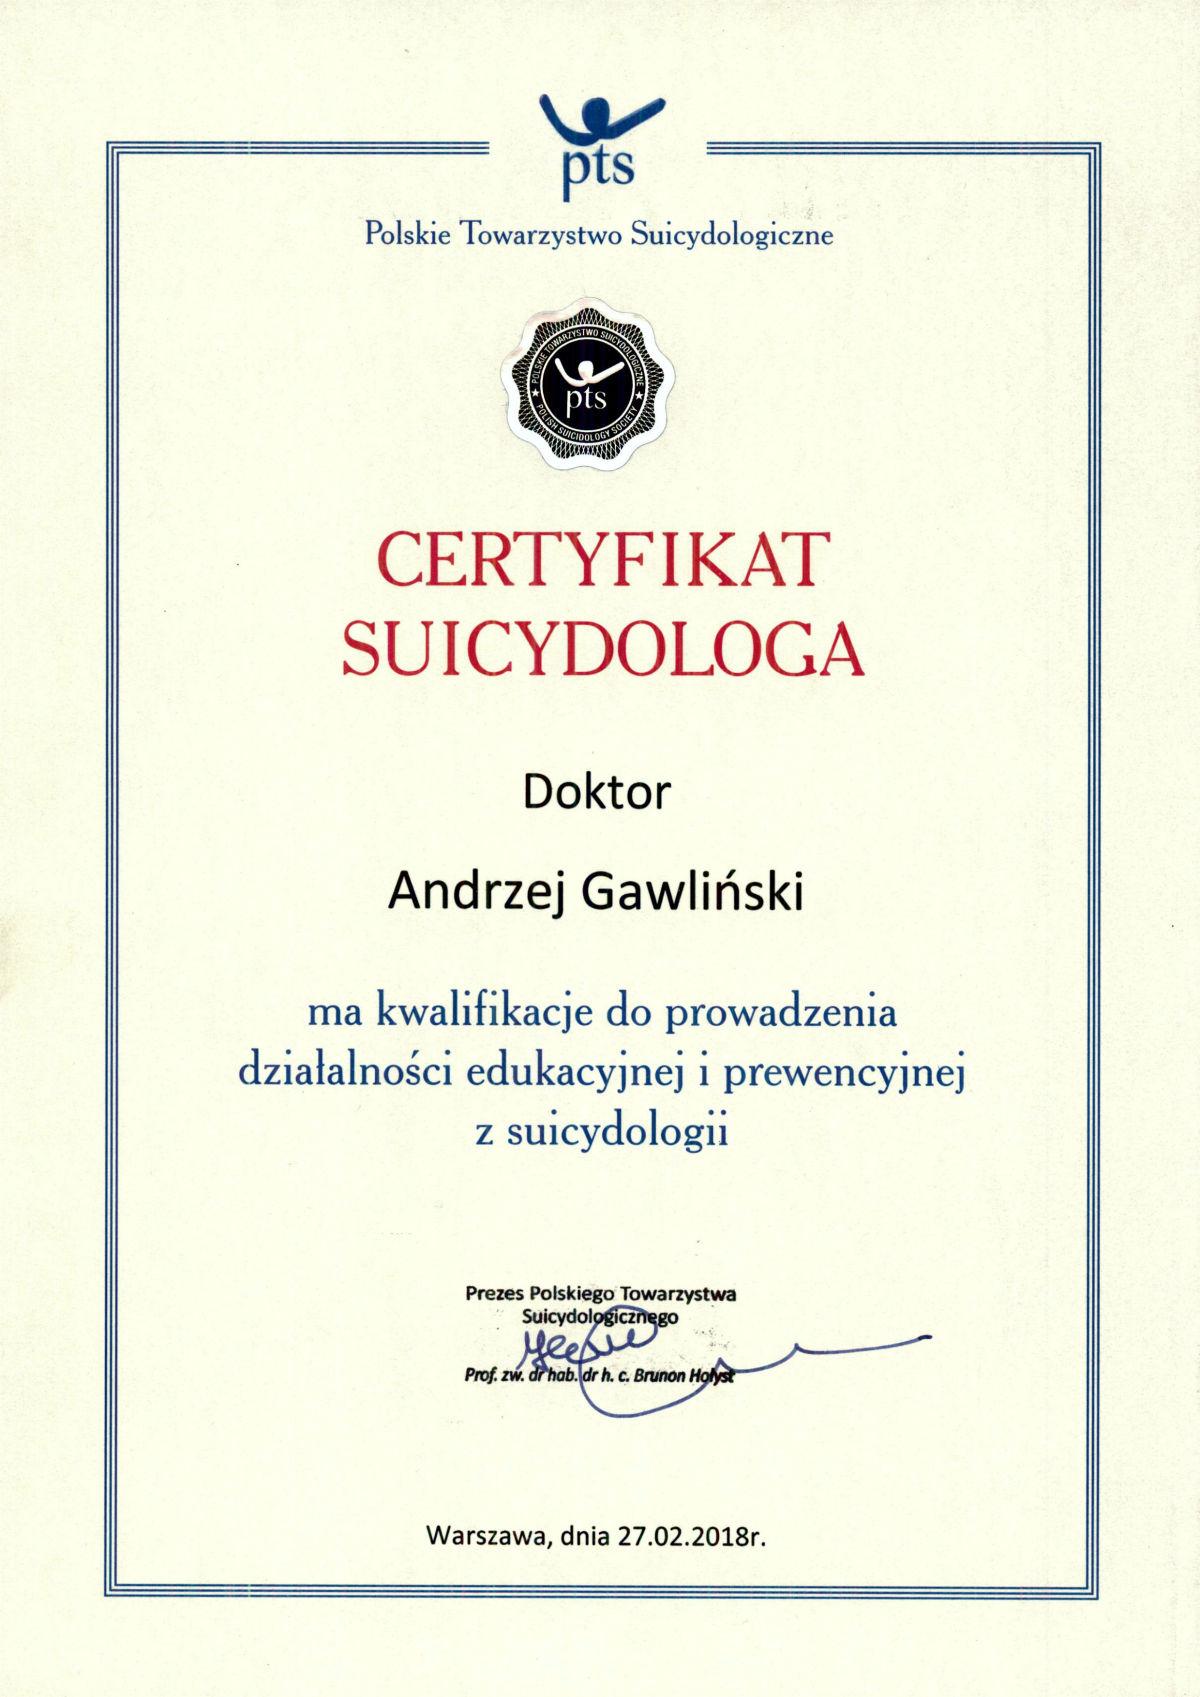 Certyfikat Suicydologa - Andrzej Gawliński